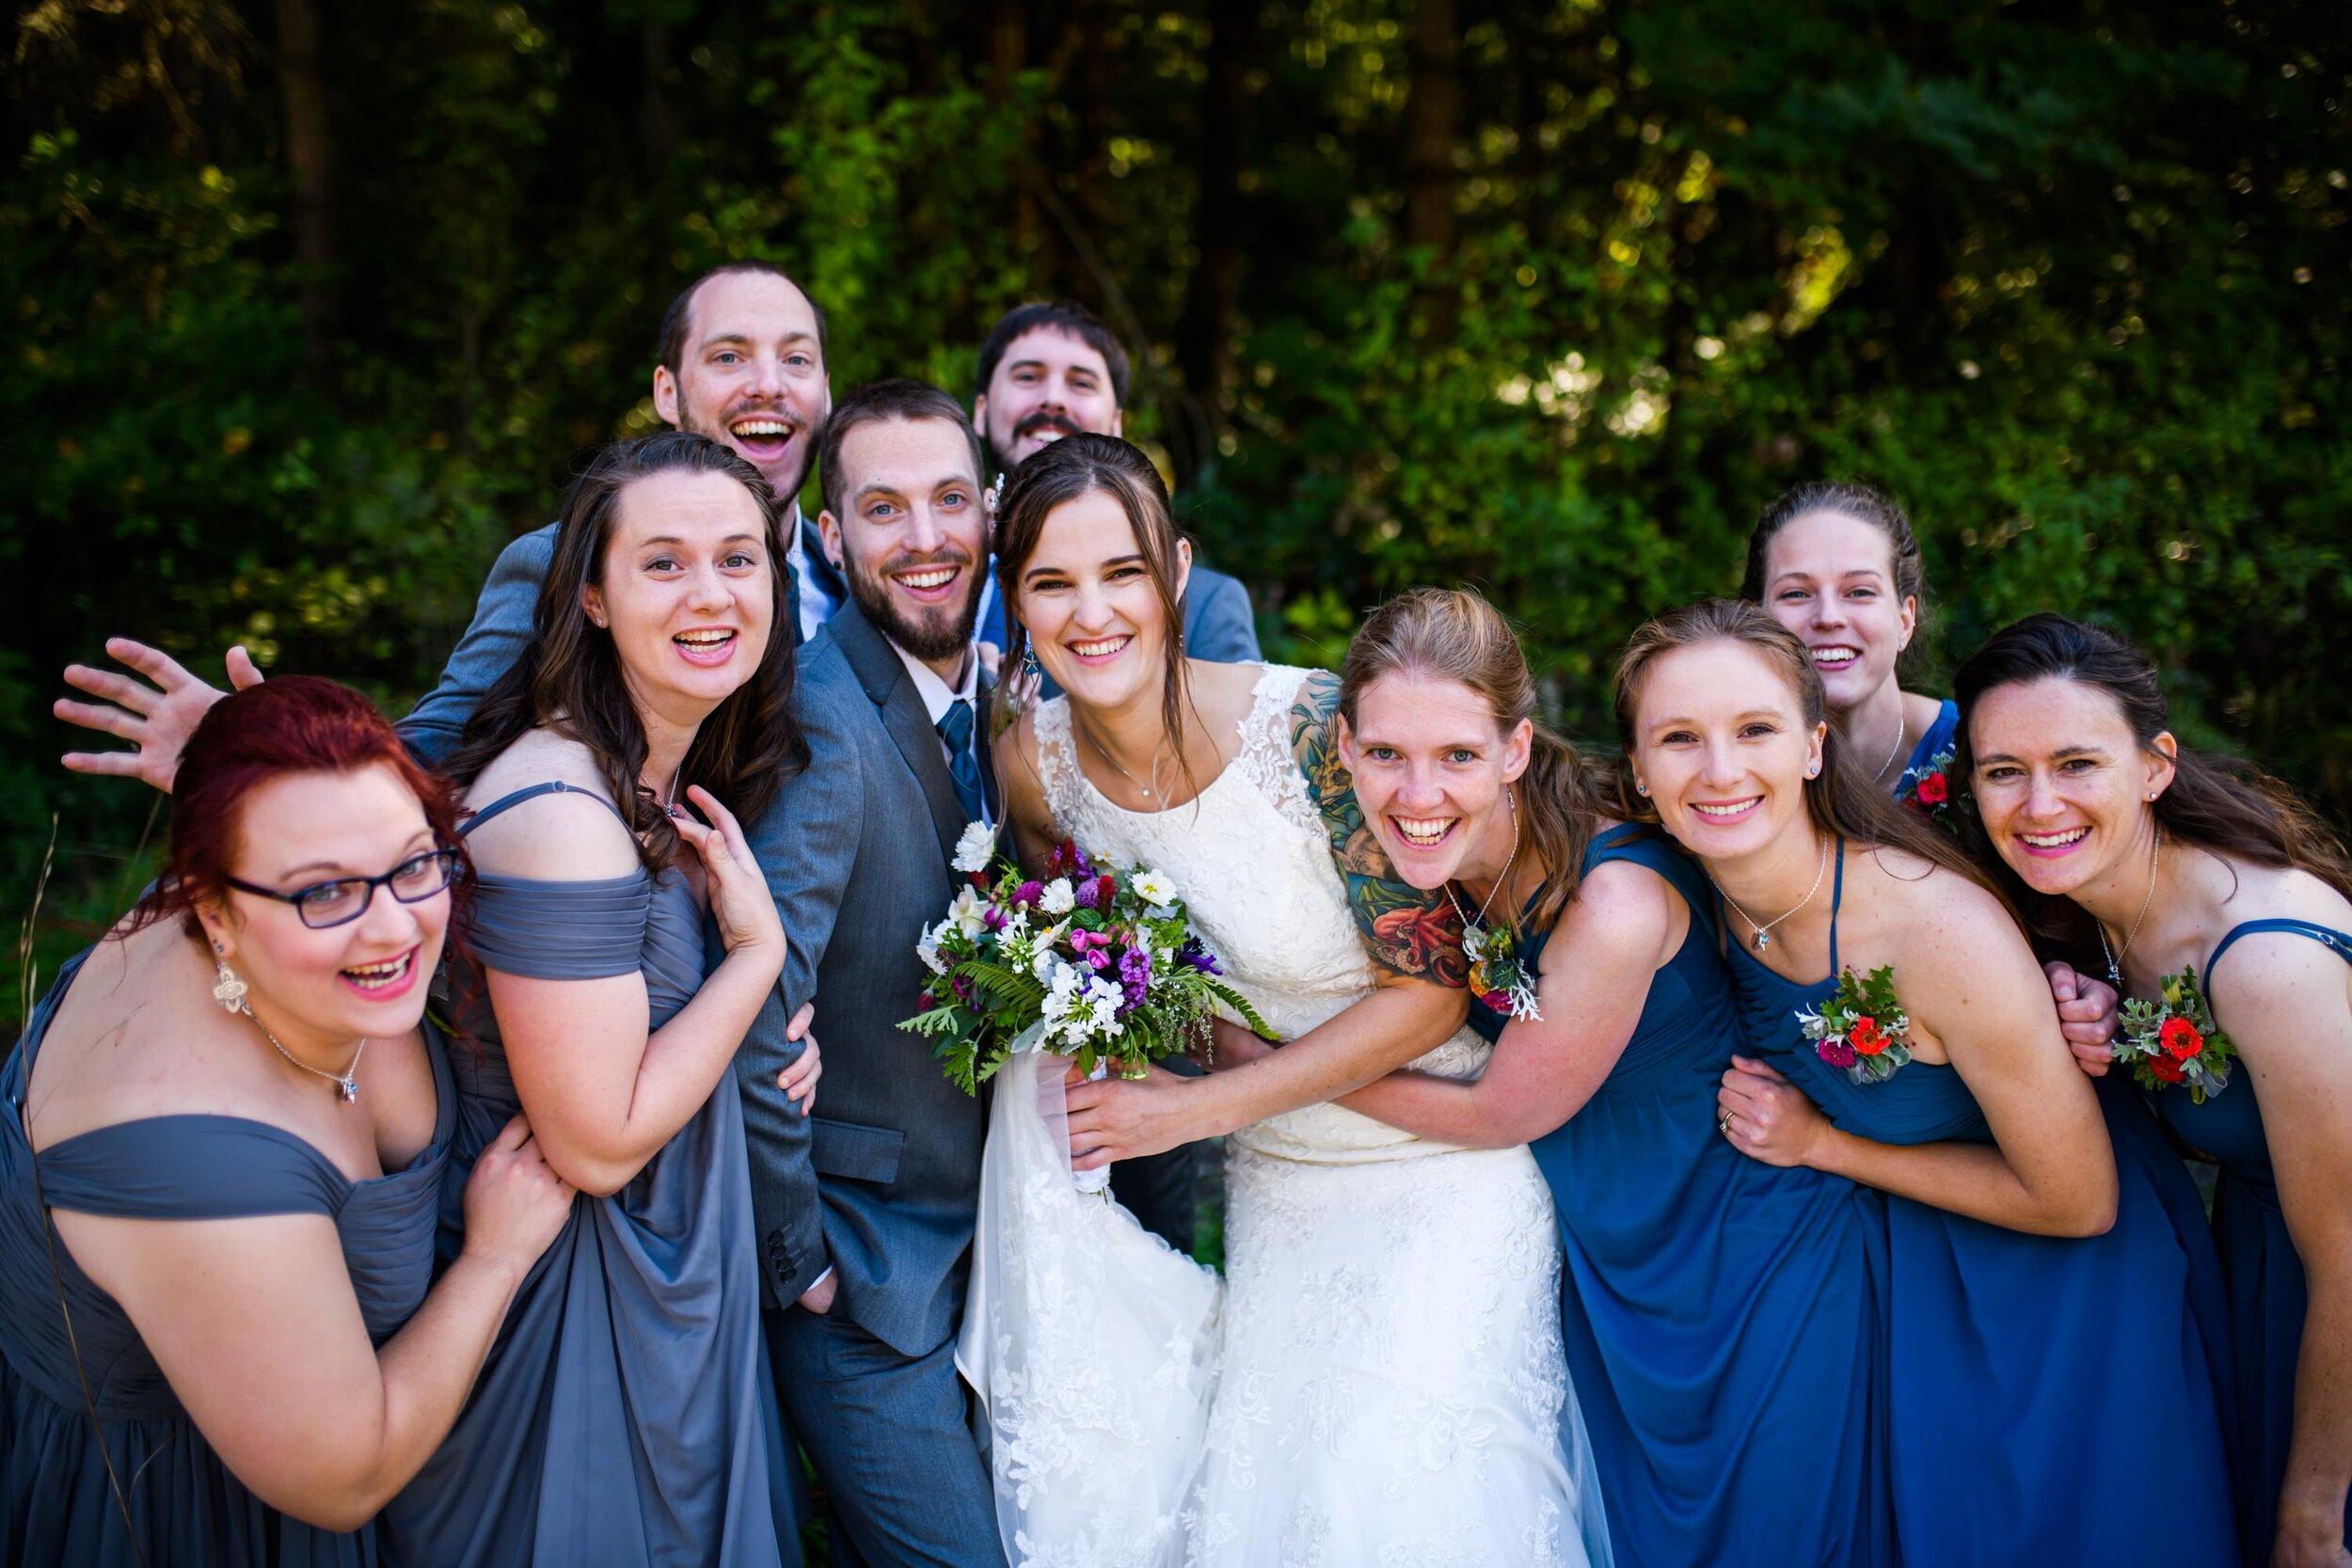 Mt. Pisgah Arboretum wedding photos 62.JPG